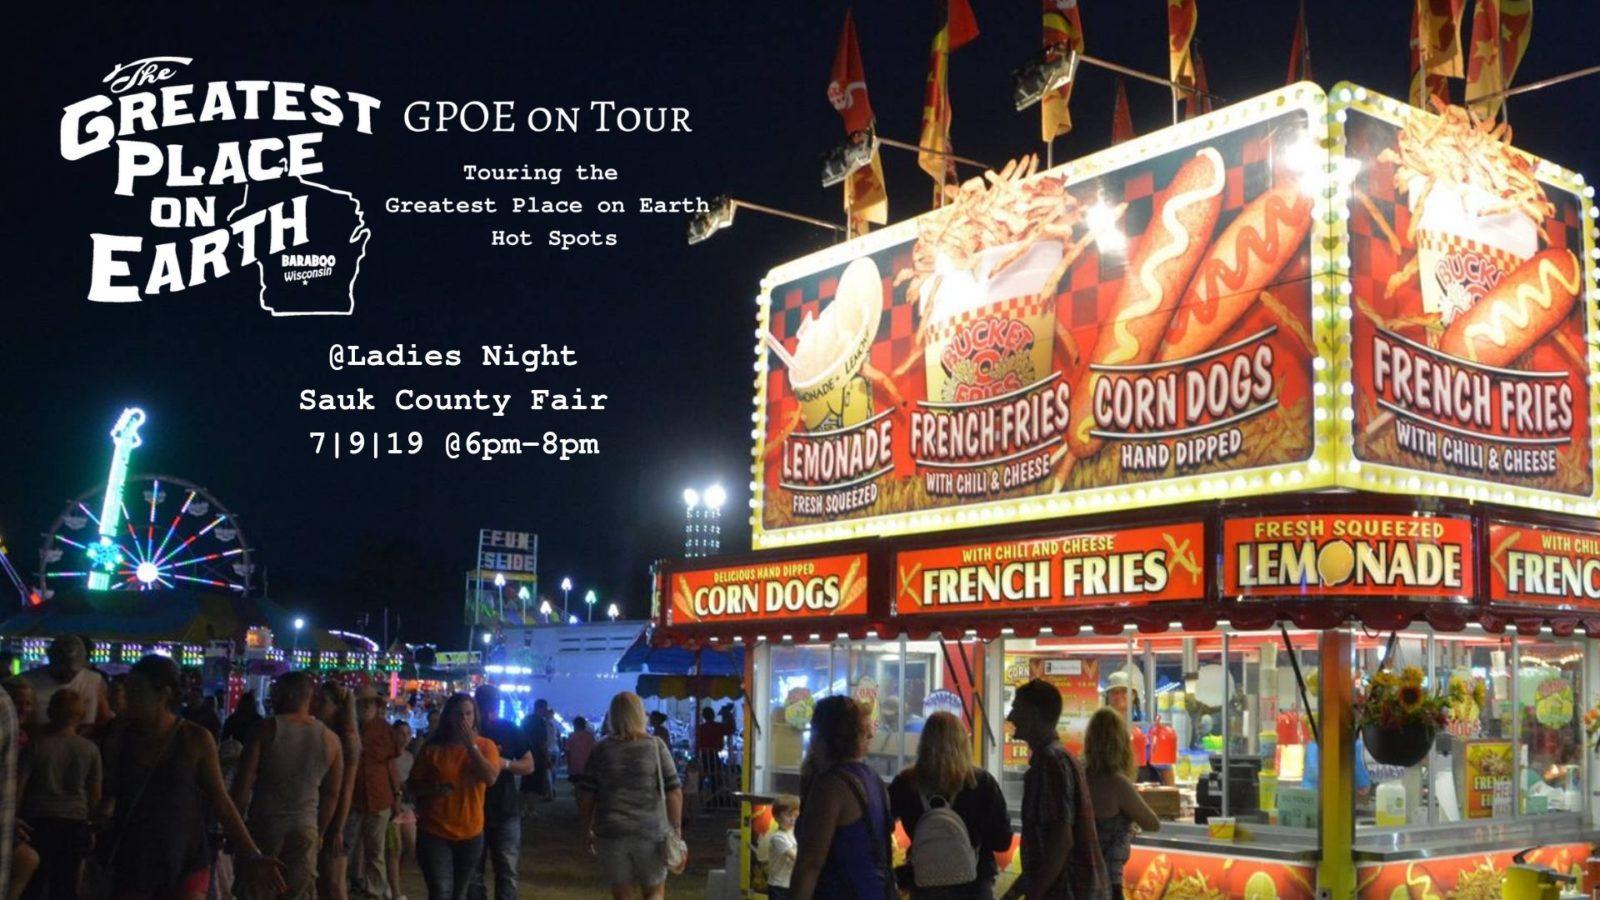 Sauk County Fair Ladies Night